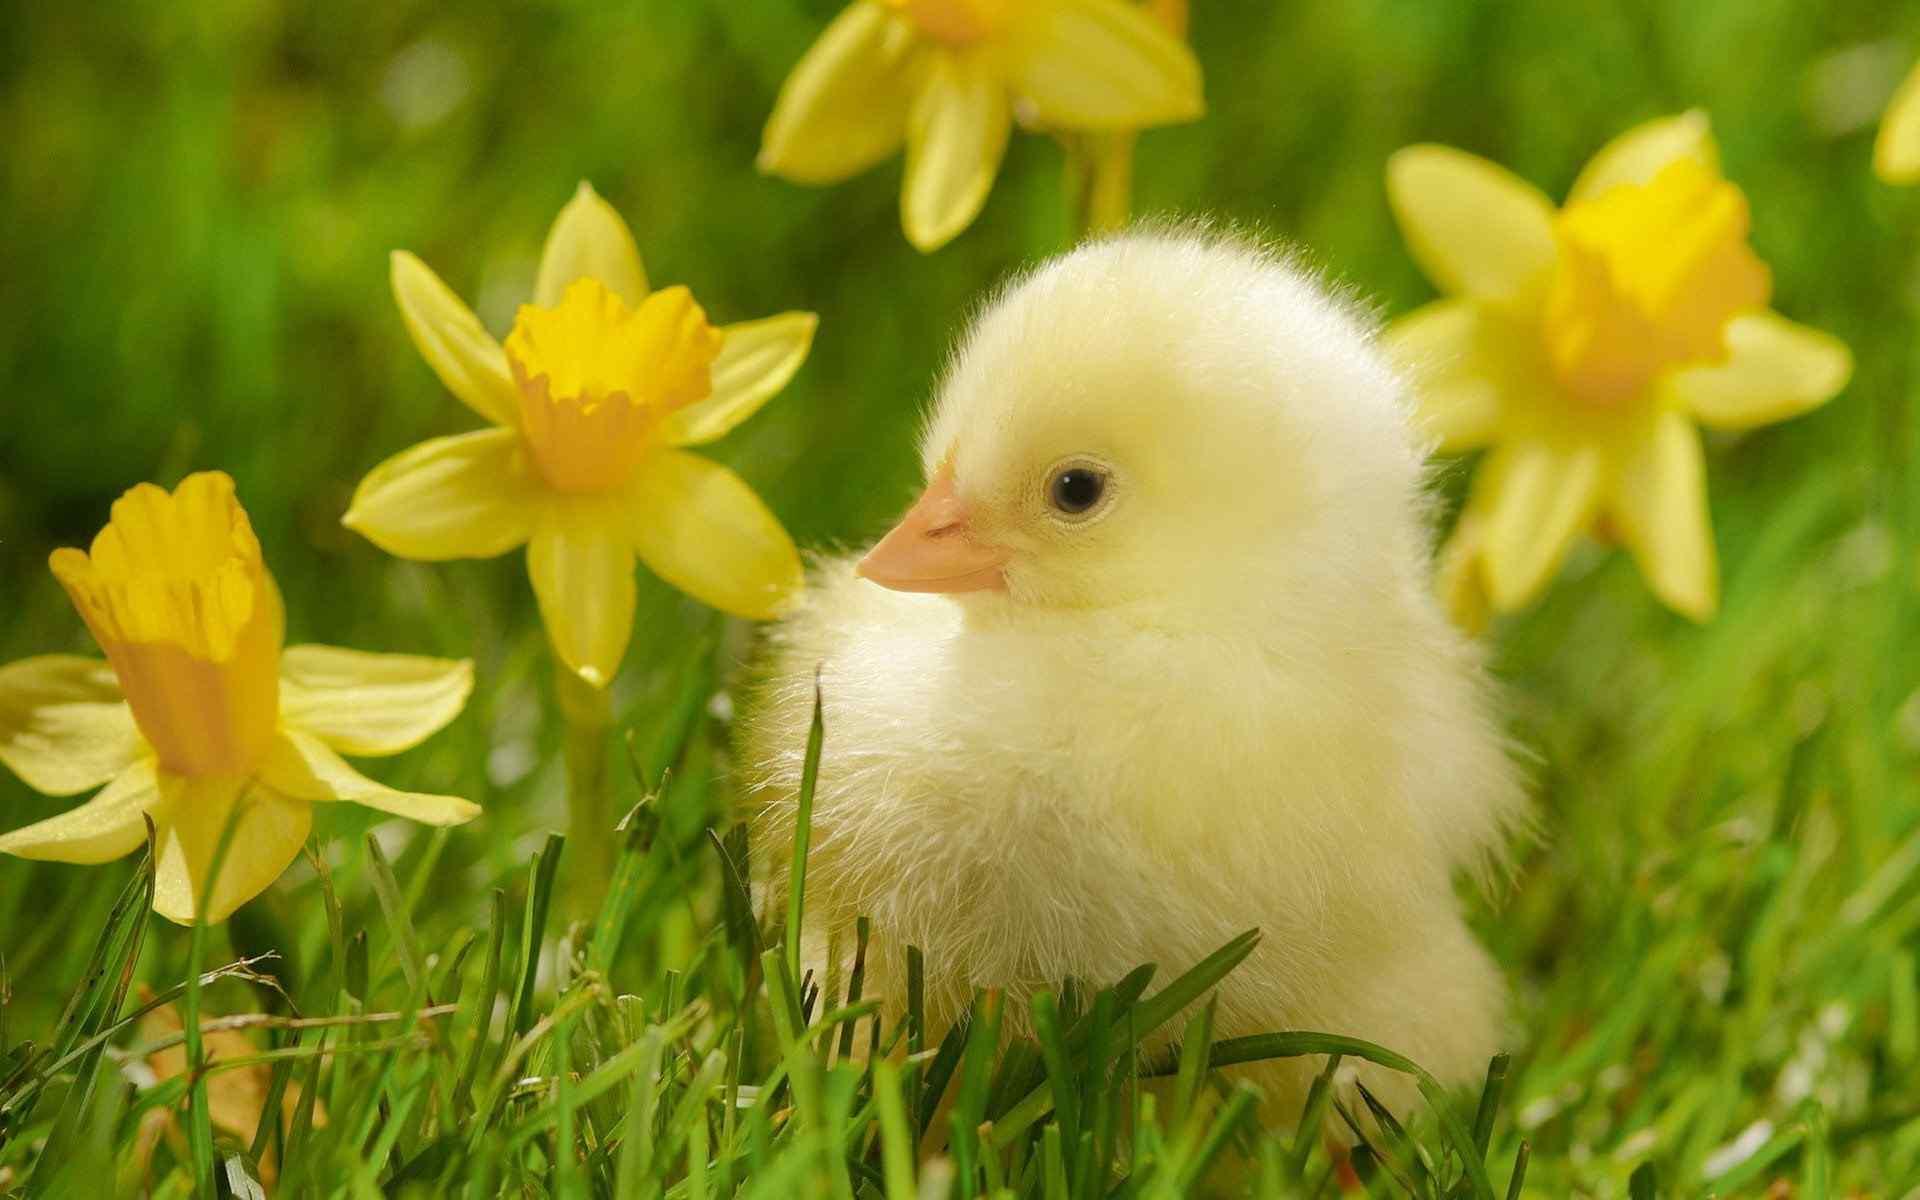 呆萌可爱小鸭子桌面壁纸图片